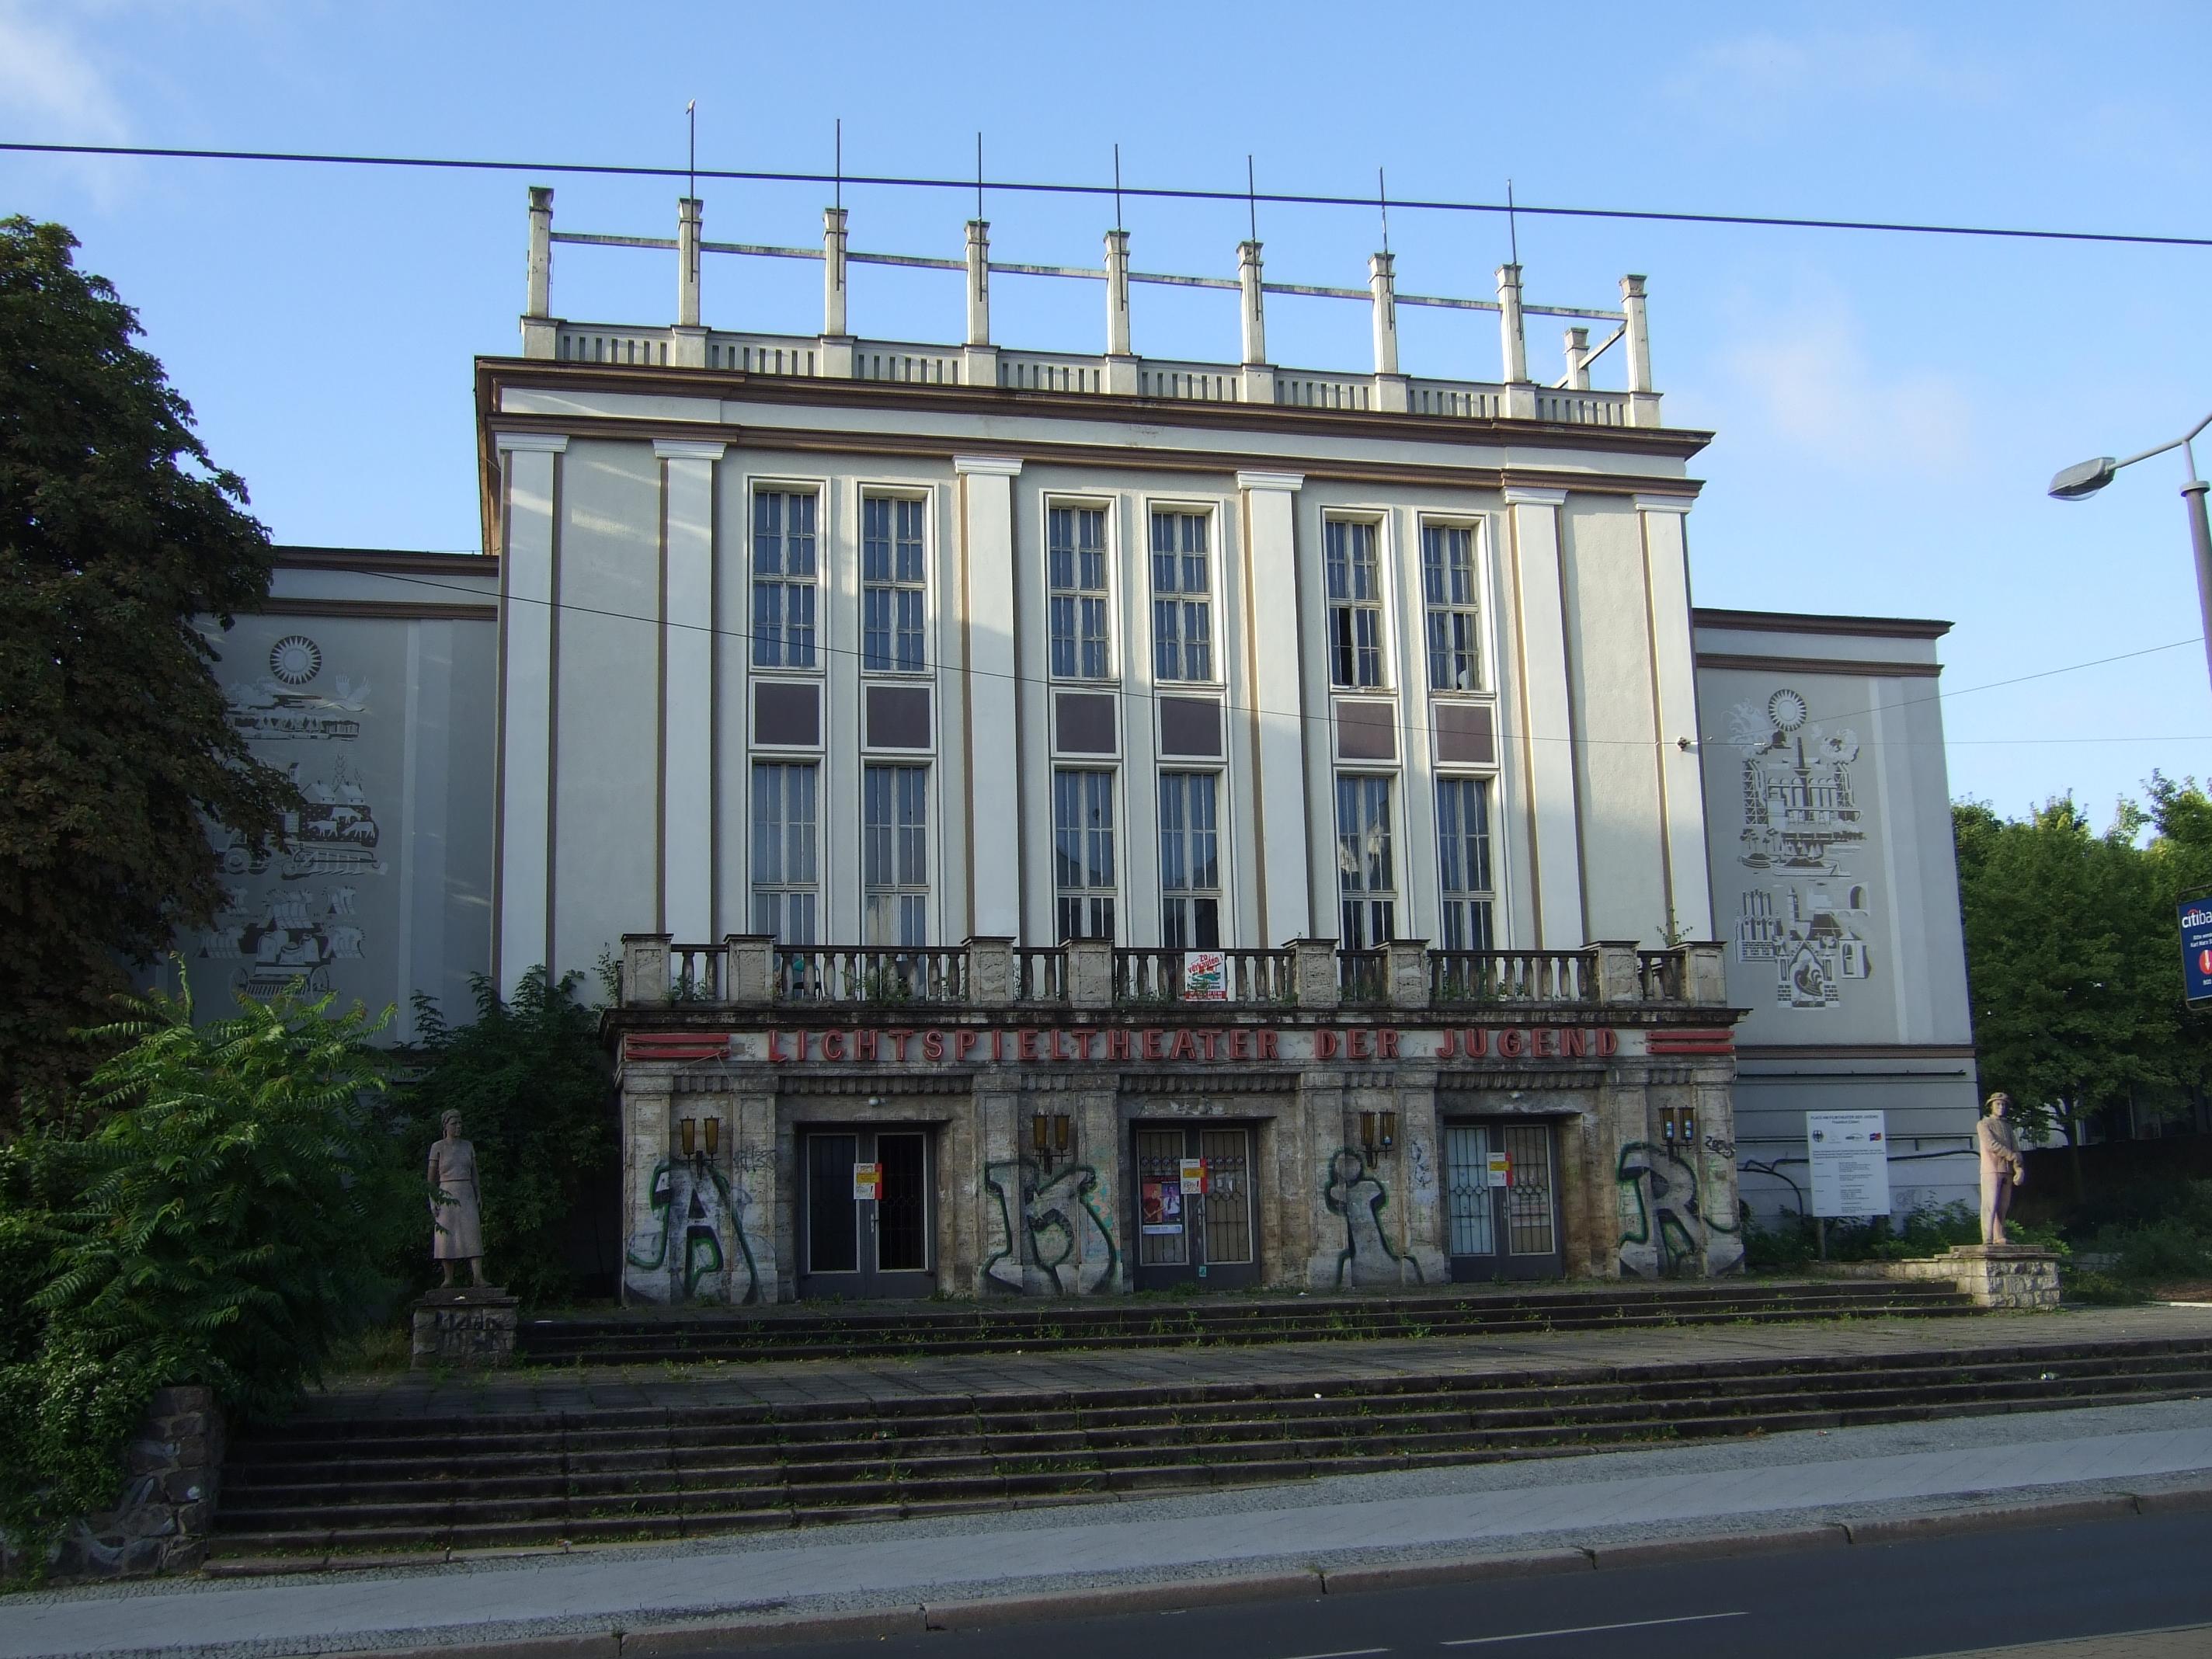 Kino Frankfurt Oder